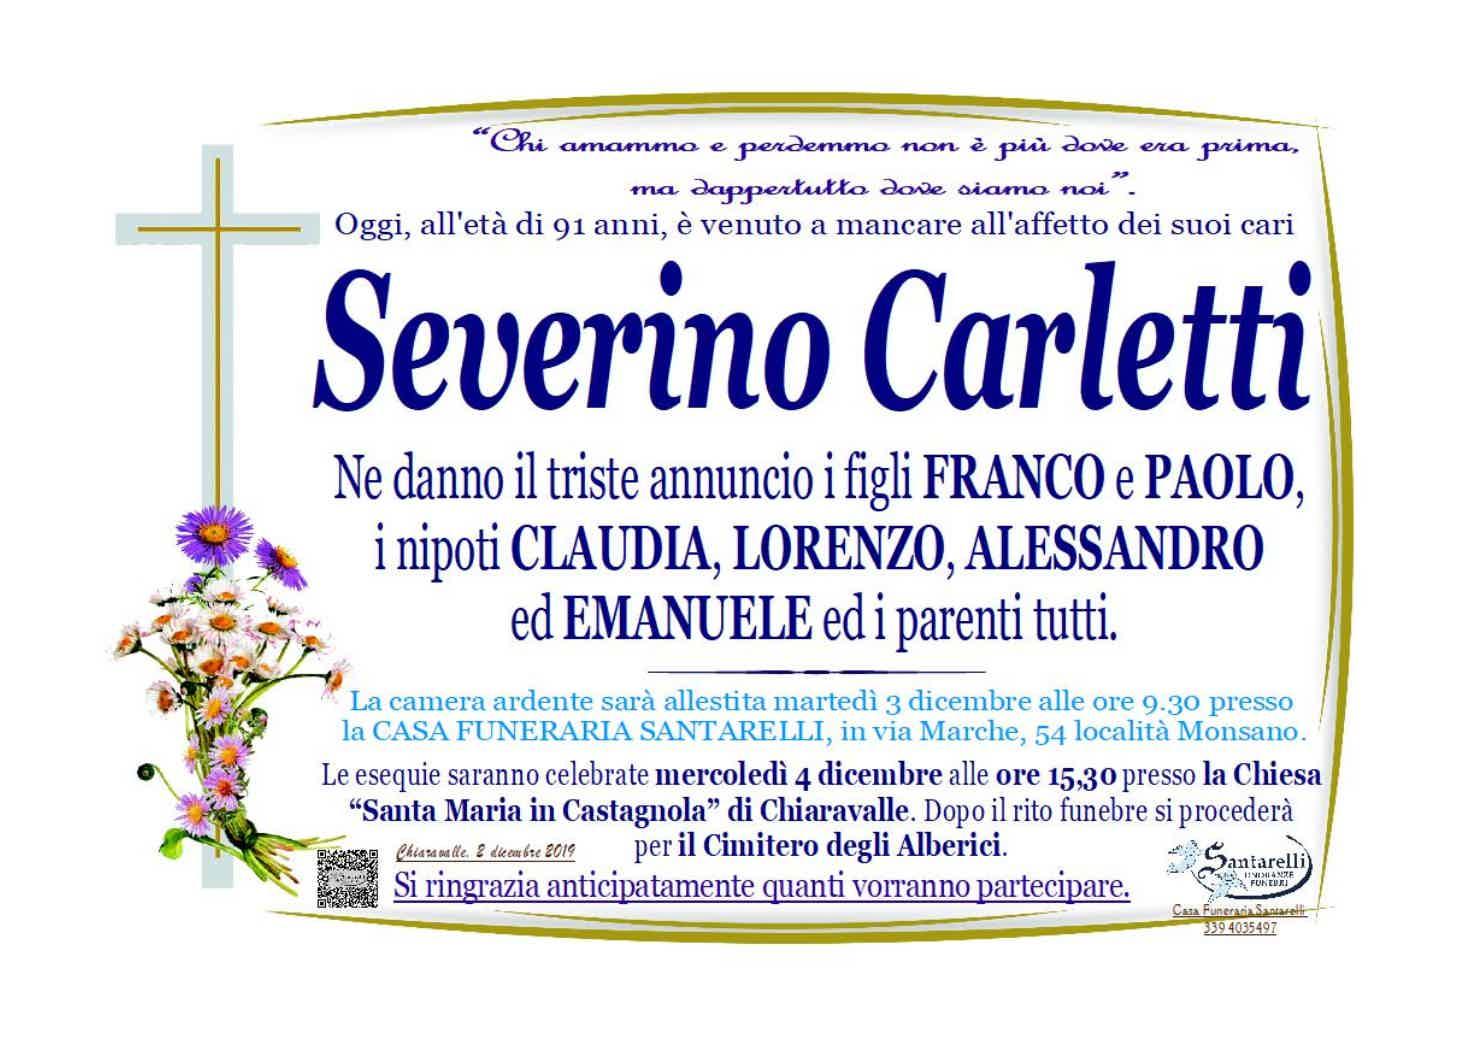 Severino Carletti